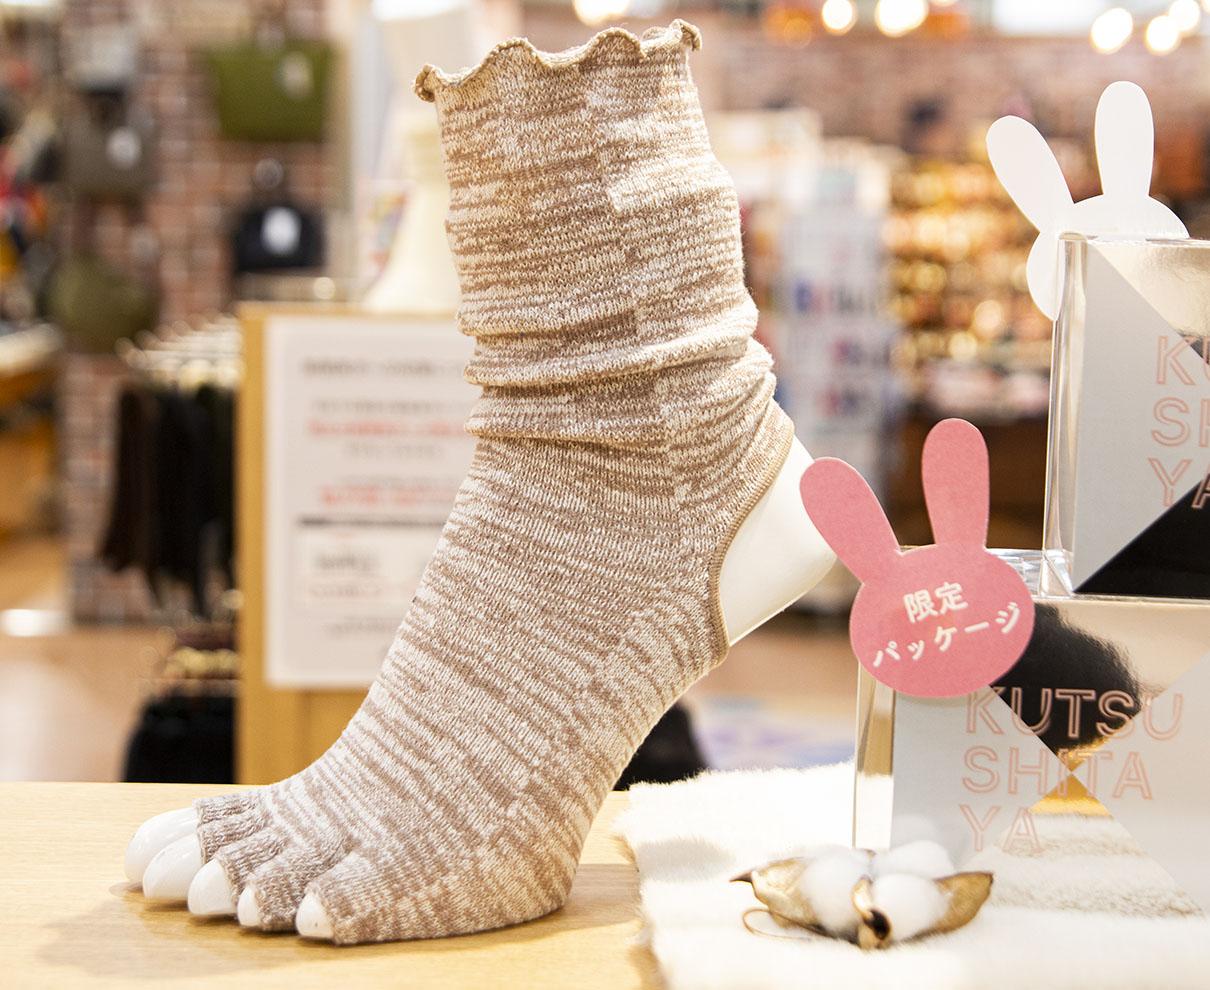 冷え対策・ムレにも強いおすすめの高機能靴下を専門店に聞いてみた。|靴下屋 福井エルパ店